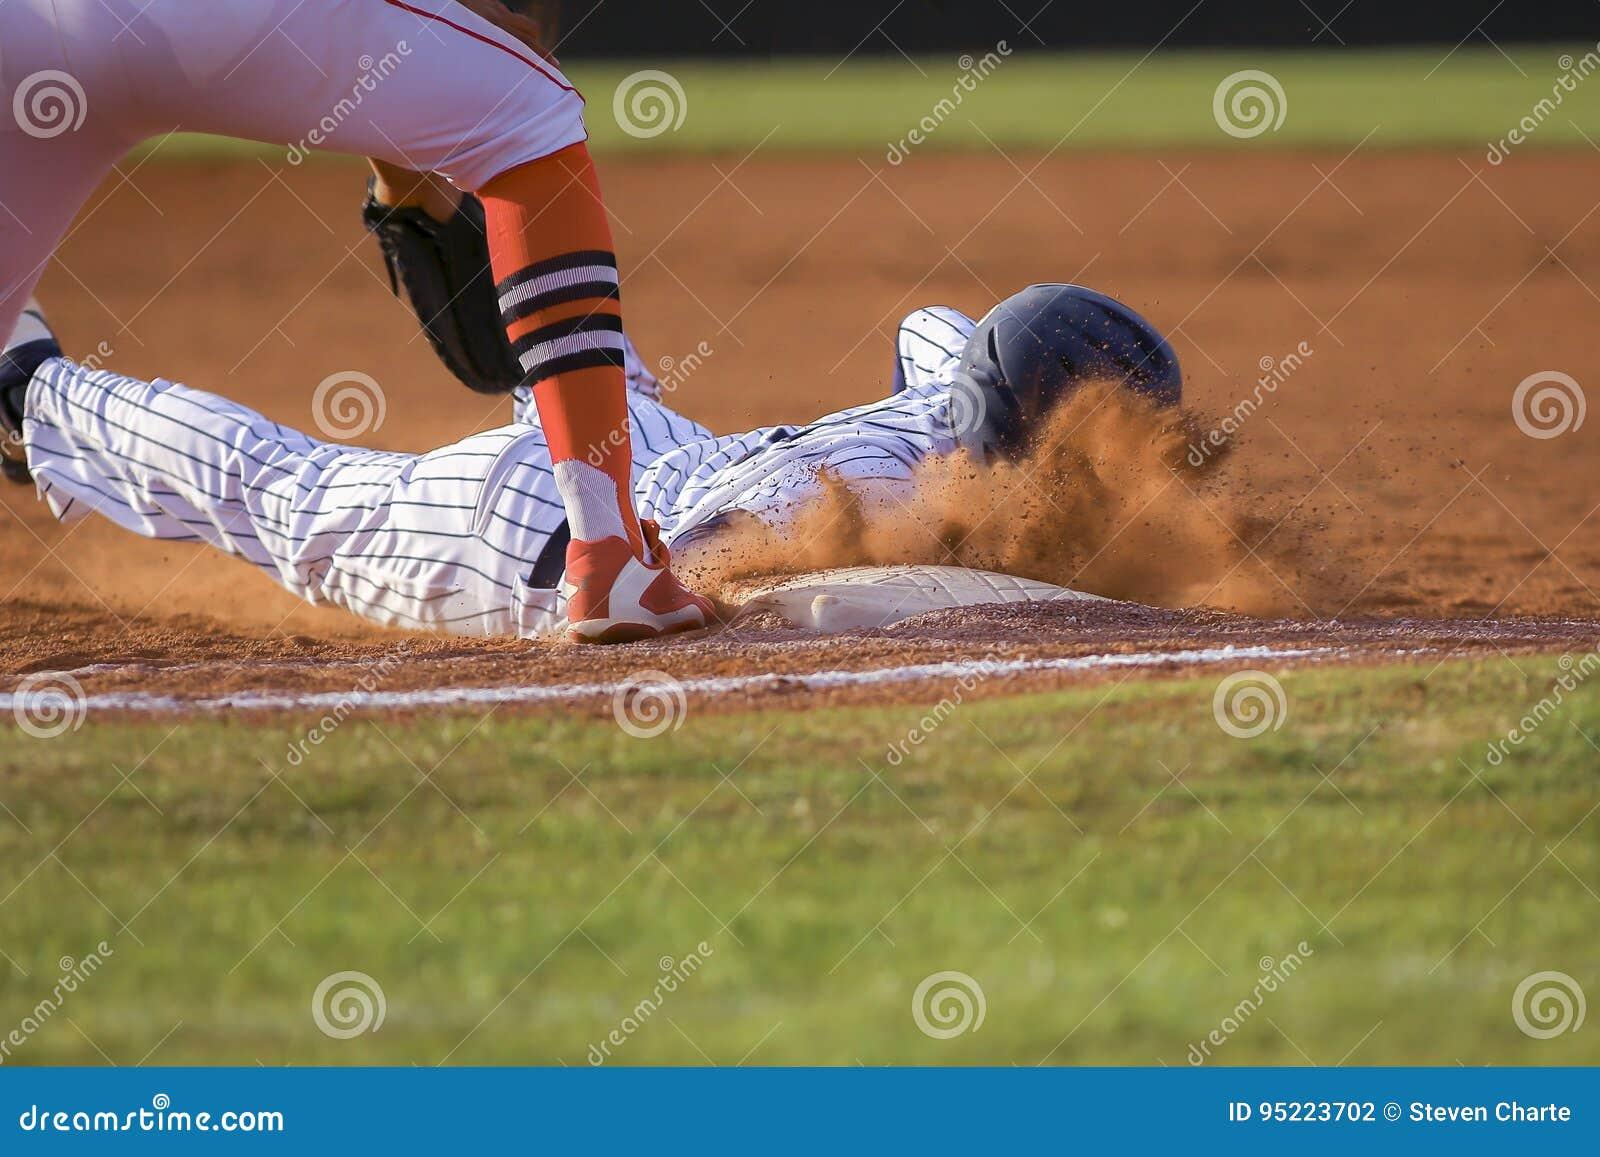 Baseball-Spieler, Der Erste Base Schiebt Stockfoto - Bild von zuerst ...